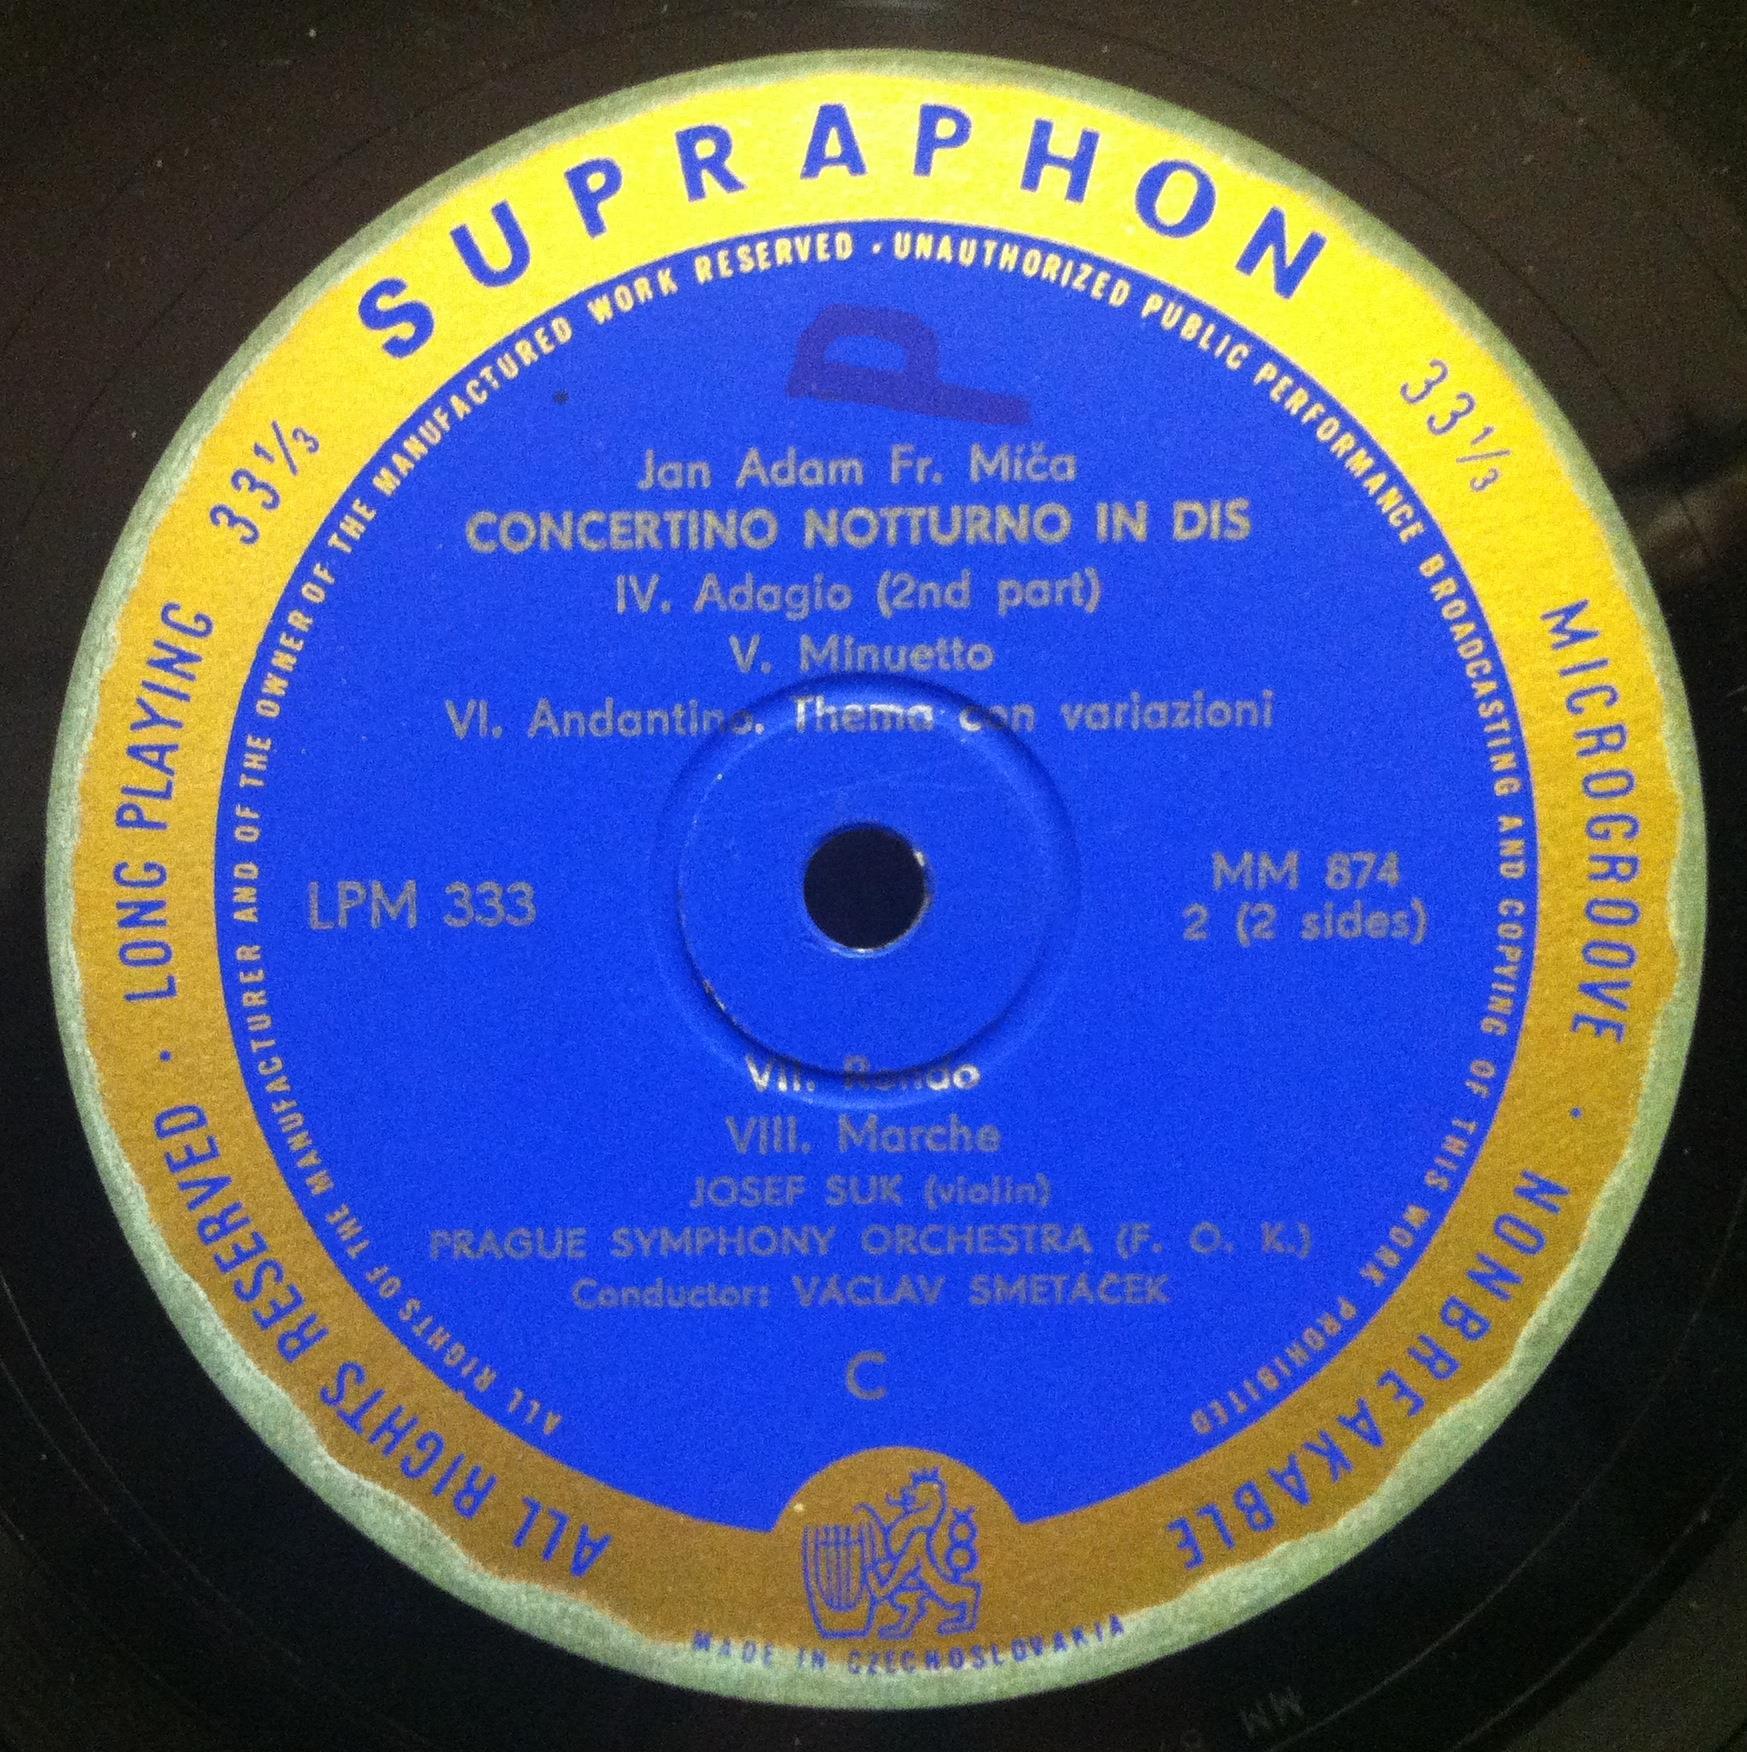 mica concertino notturno in dis 10 vg lpm 333 czech mono